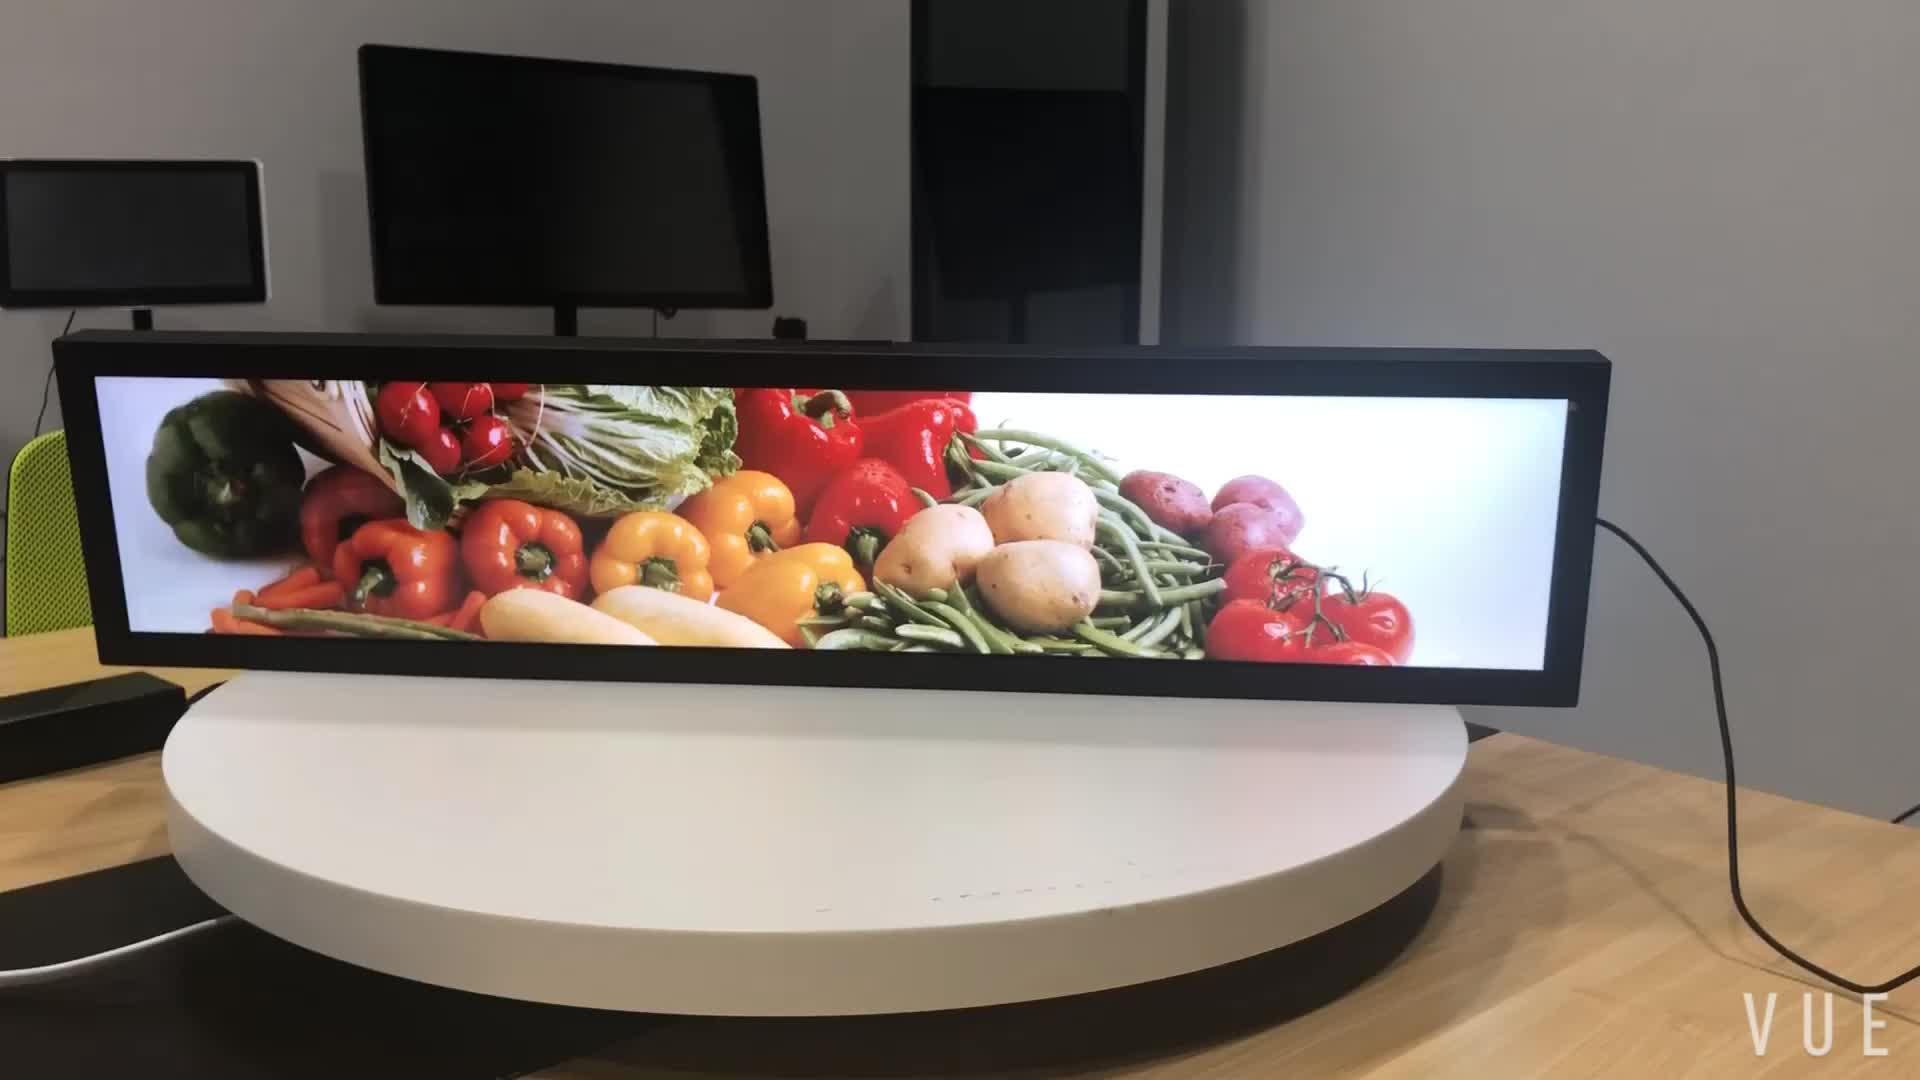 24 zoll demo gestreckt bar typ bildschirm digital signage regal rand LCD display für einzelhandel shop